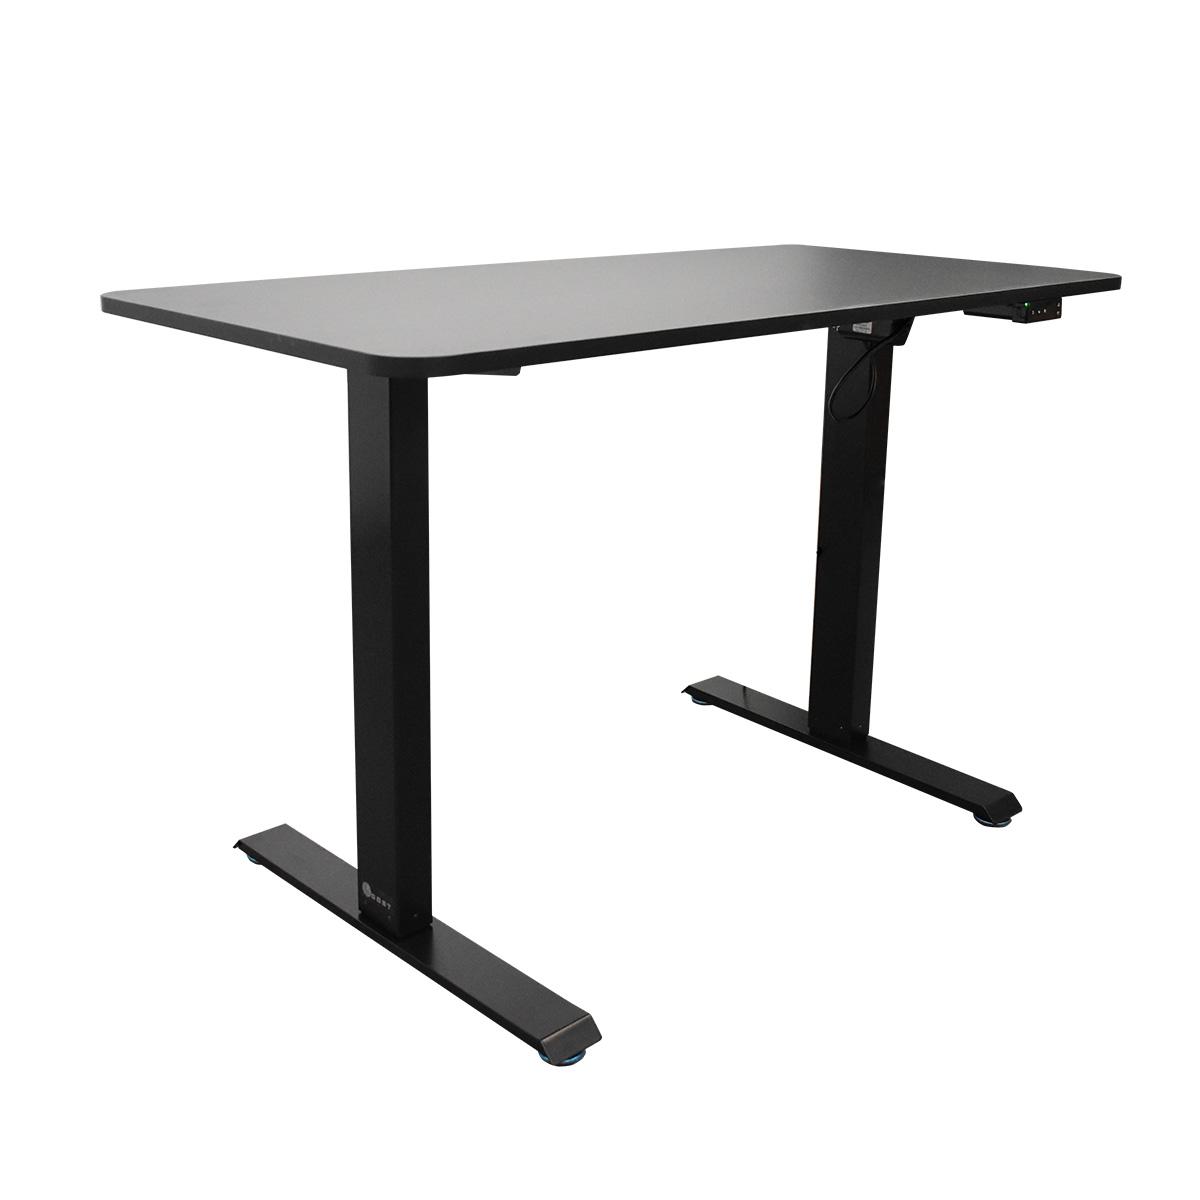 FS-MD47 Black Motorized Office Desk